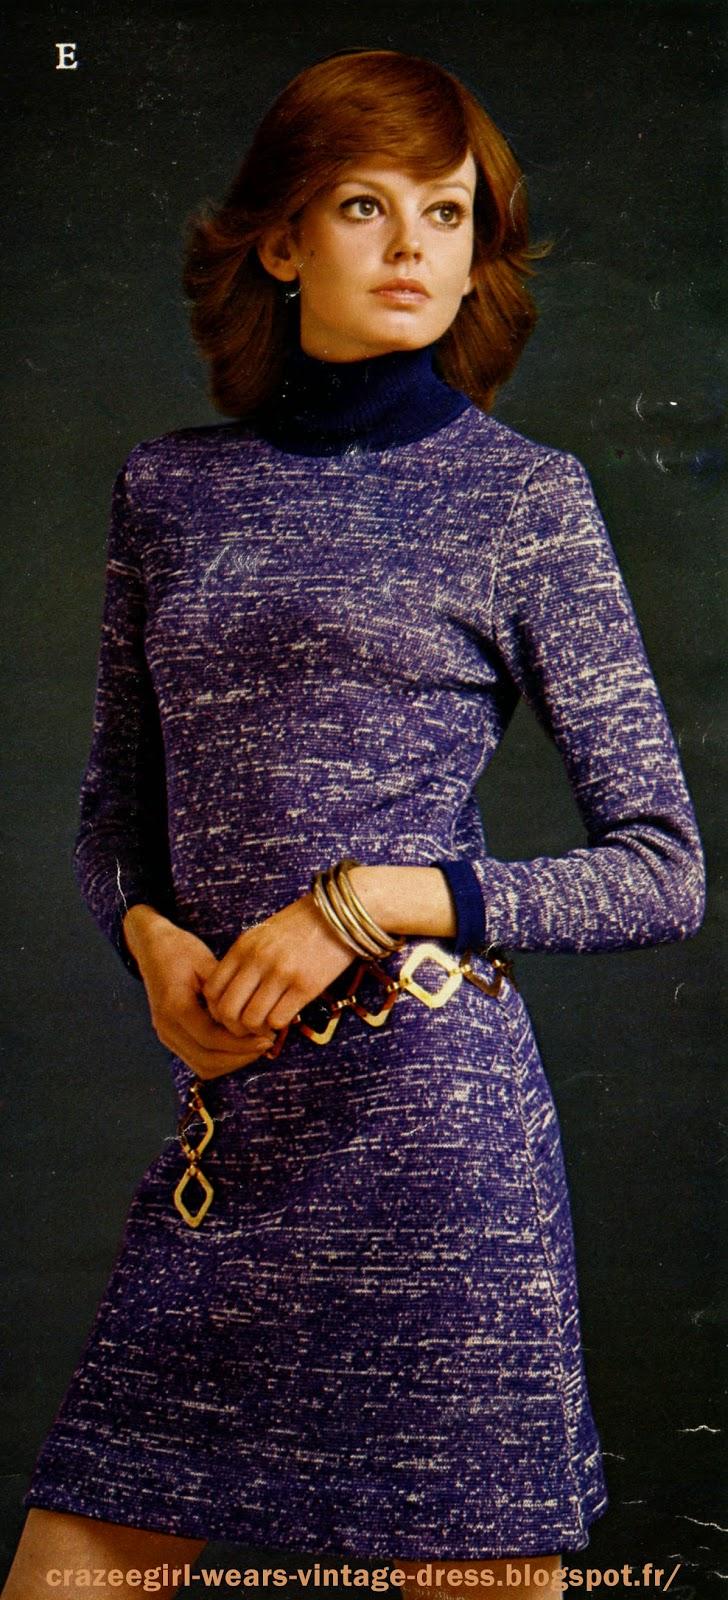 crazeegirl 39 s world 1971 mini dress. Black Bedroom Furniture Sets. Home Design Ideas